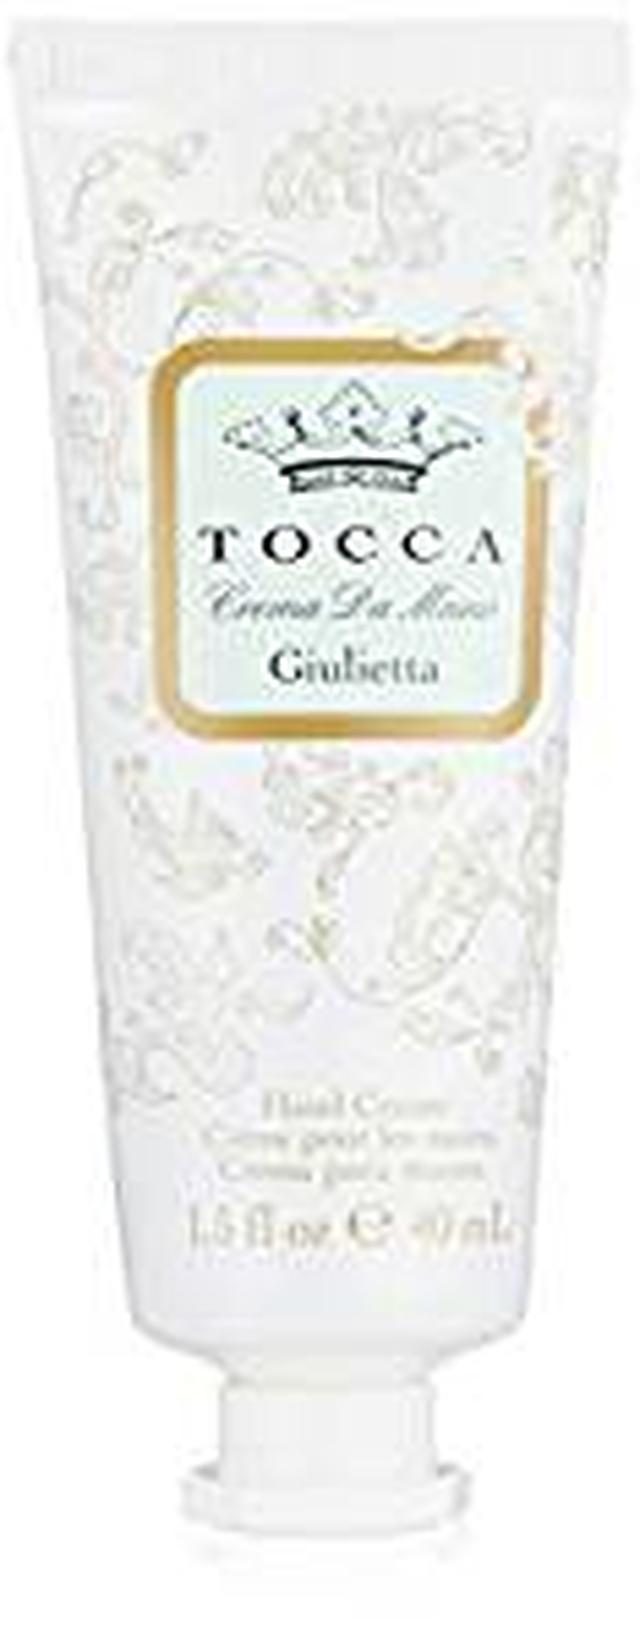 画像: Amazon.co.jp: トッカ(TOCCA) ハンドクリーム ジュリエッタの香り 40mL (手指用保湿 ピンクチューリップとグリーンアップルの爽やかで甘い香り): ビューティー